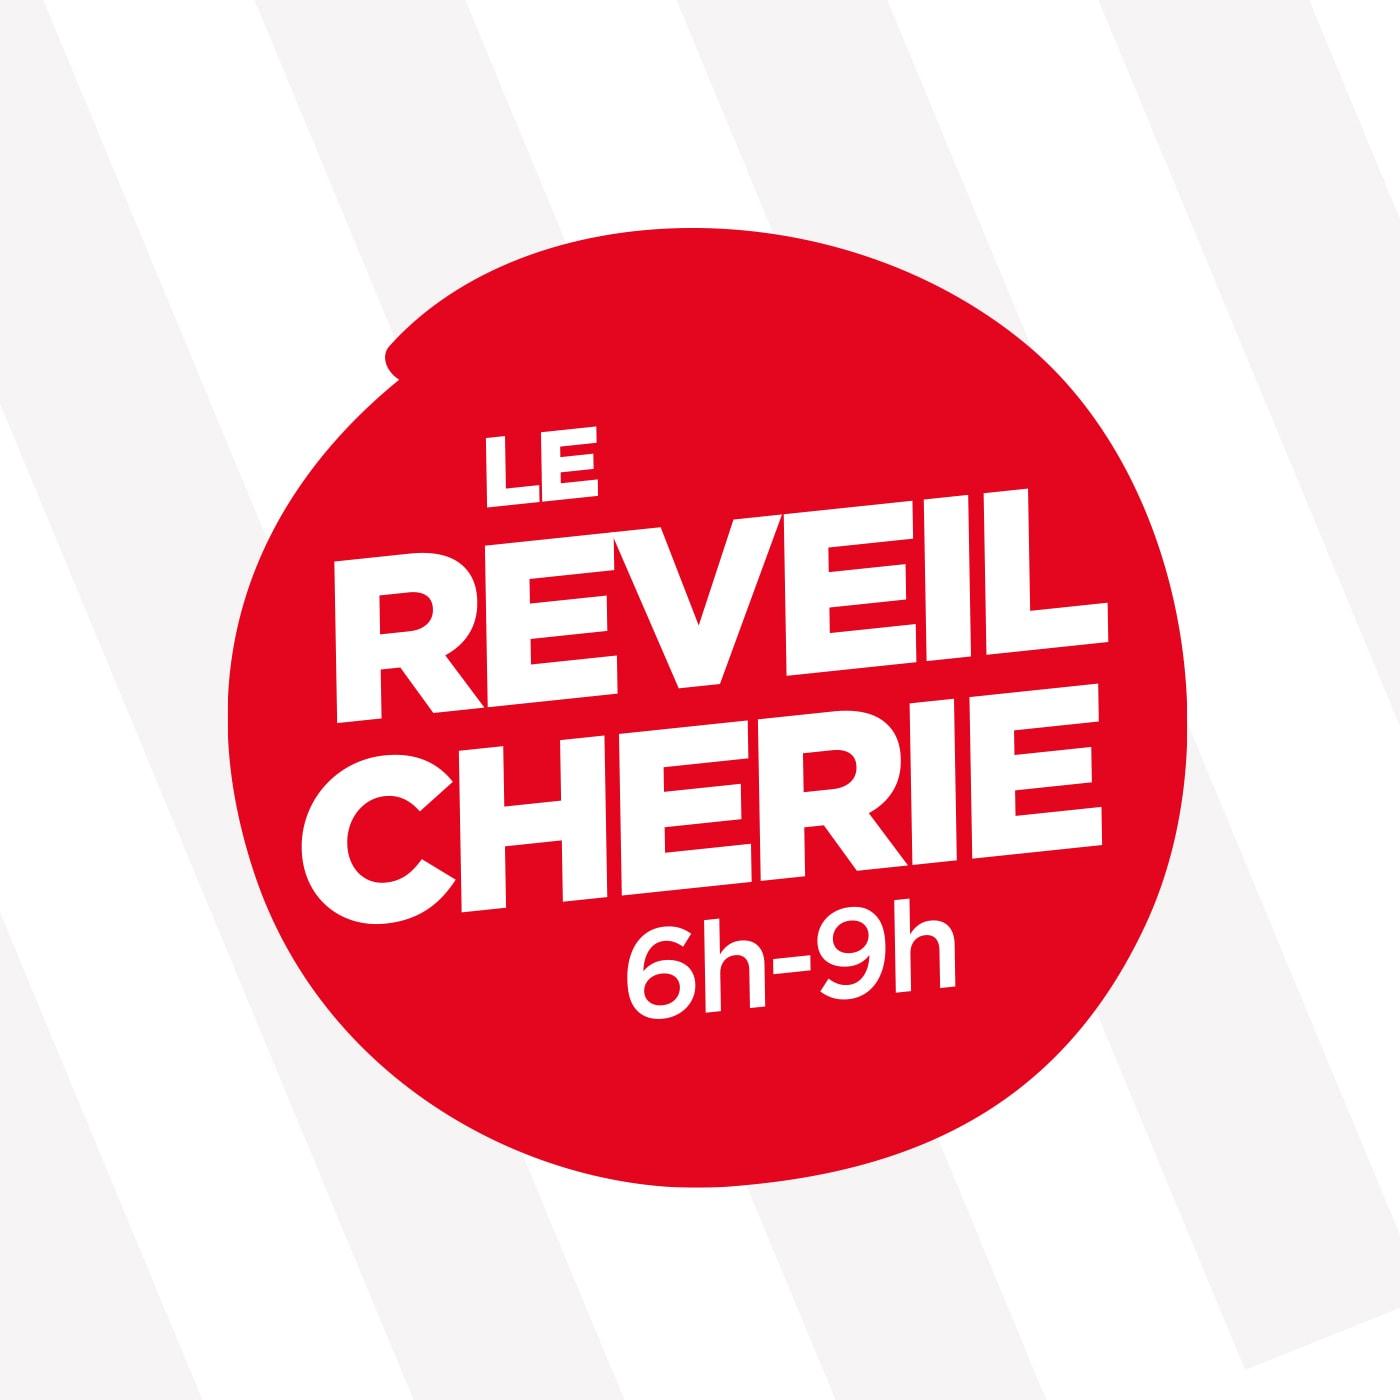 Image 1: Le Reveil Cherie